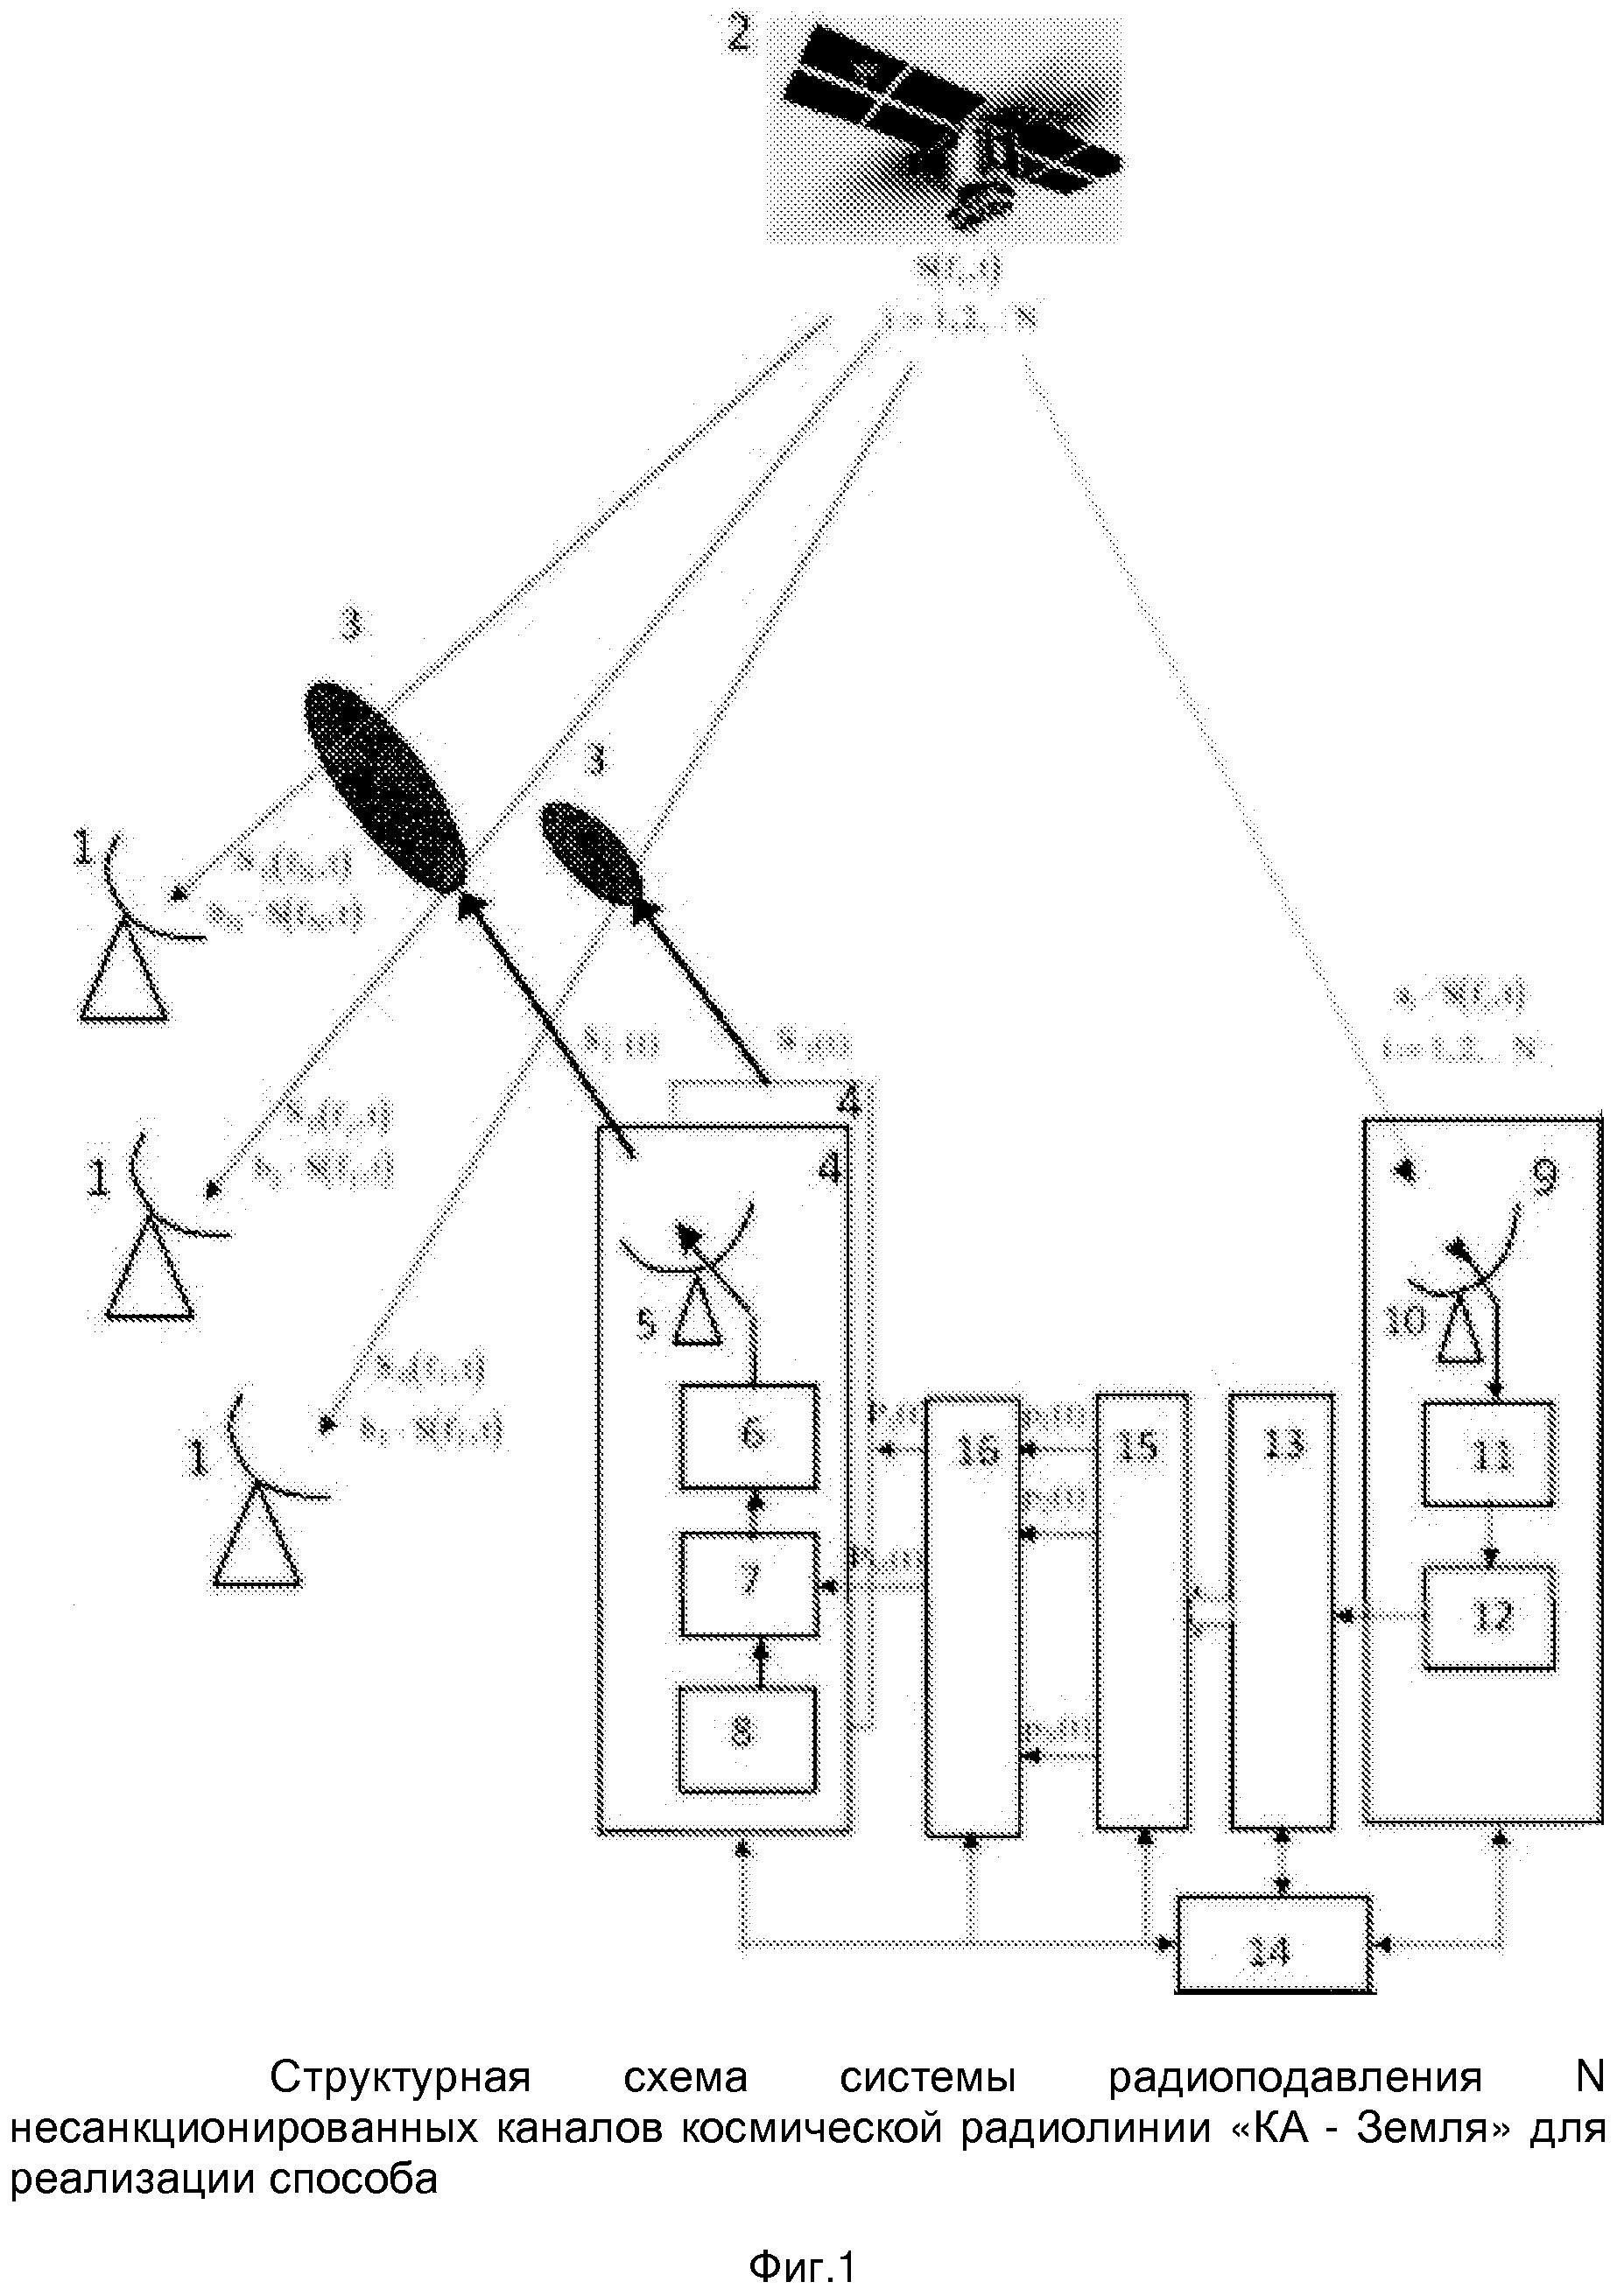 Способ радиоподавления несанкционированных каналов космической радиолинии космический аппарат - земля и система для его реализации